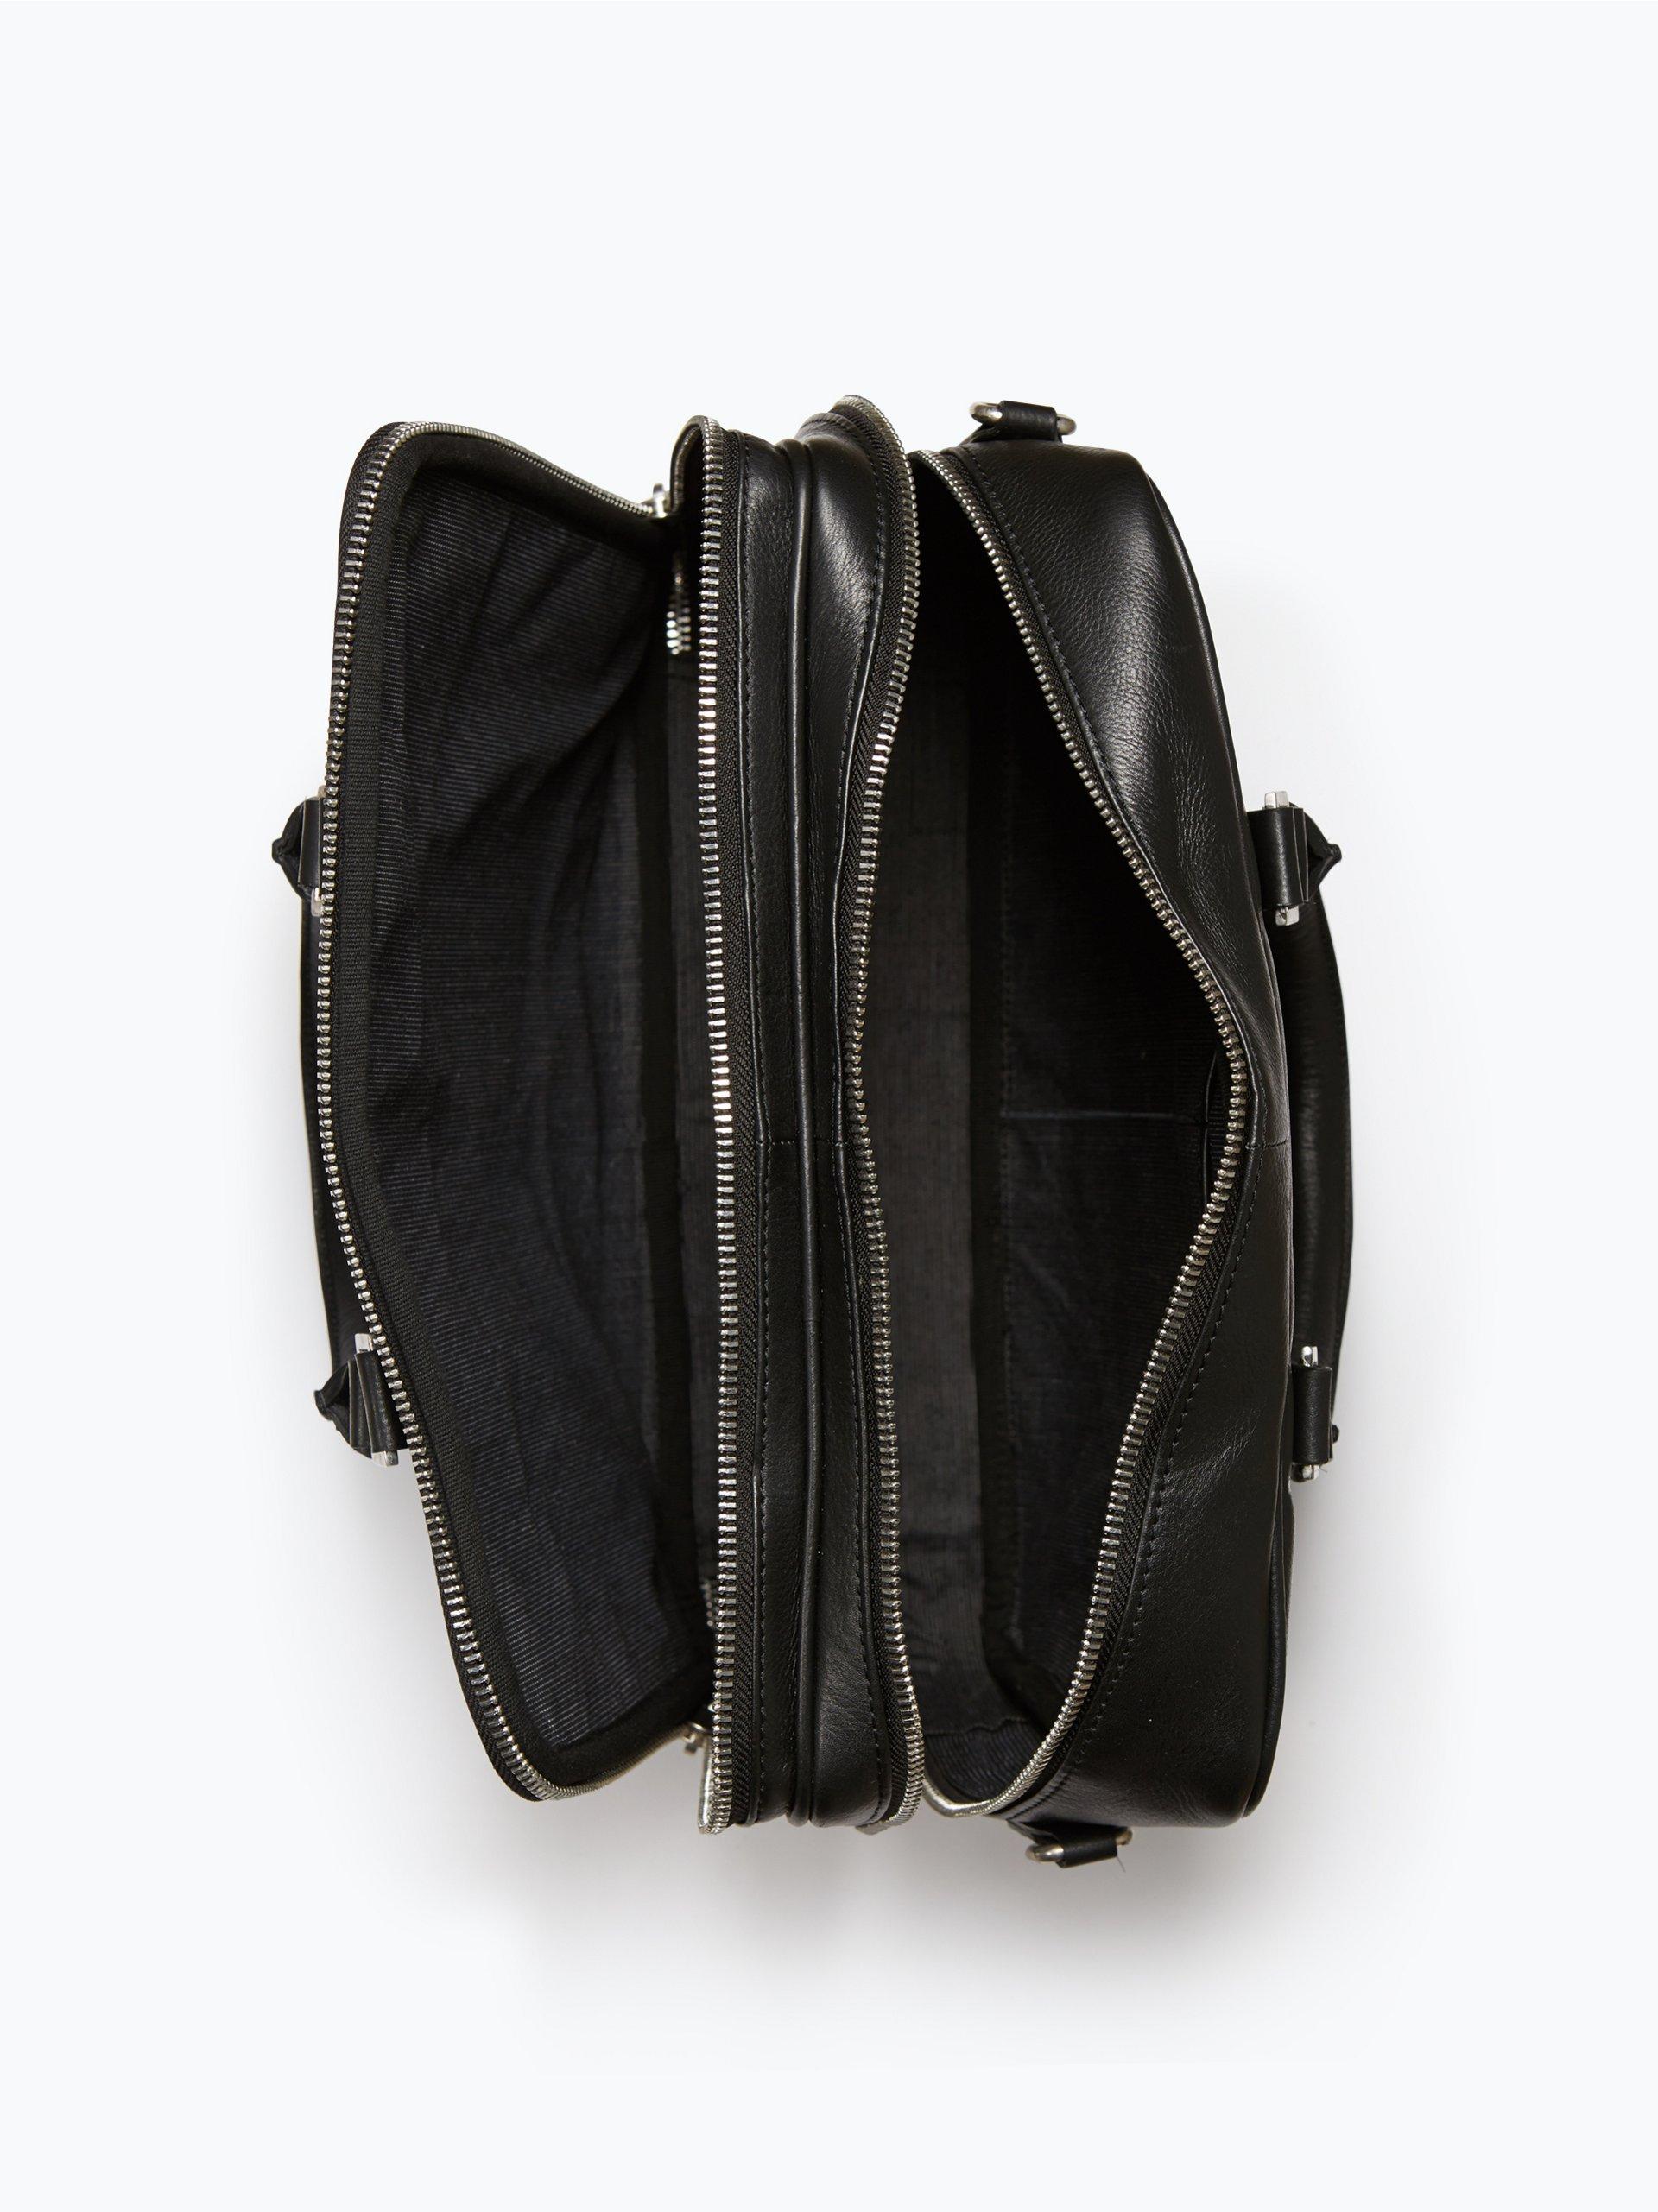 finshley harding london herren laptop tasche aus leder schwarz uni online kaufen vangraaf com. Black Bedroom Furniture Sets. Home Design Ideas